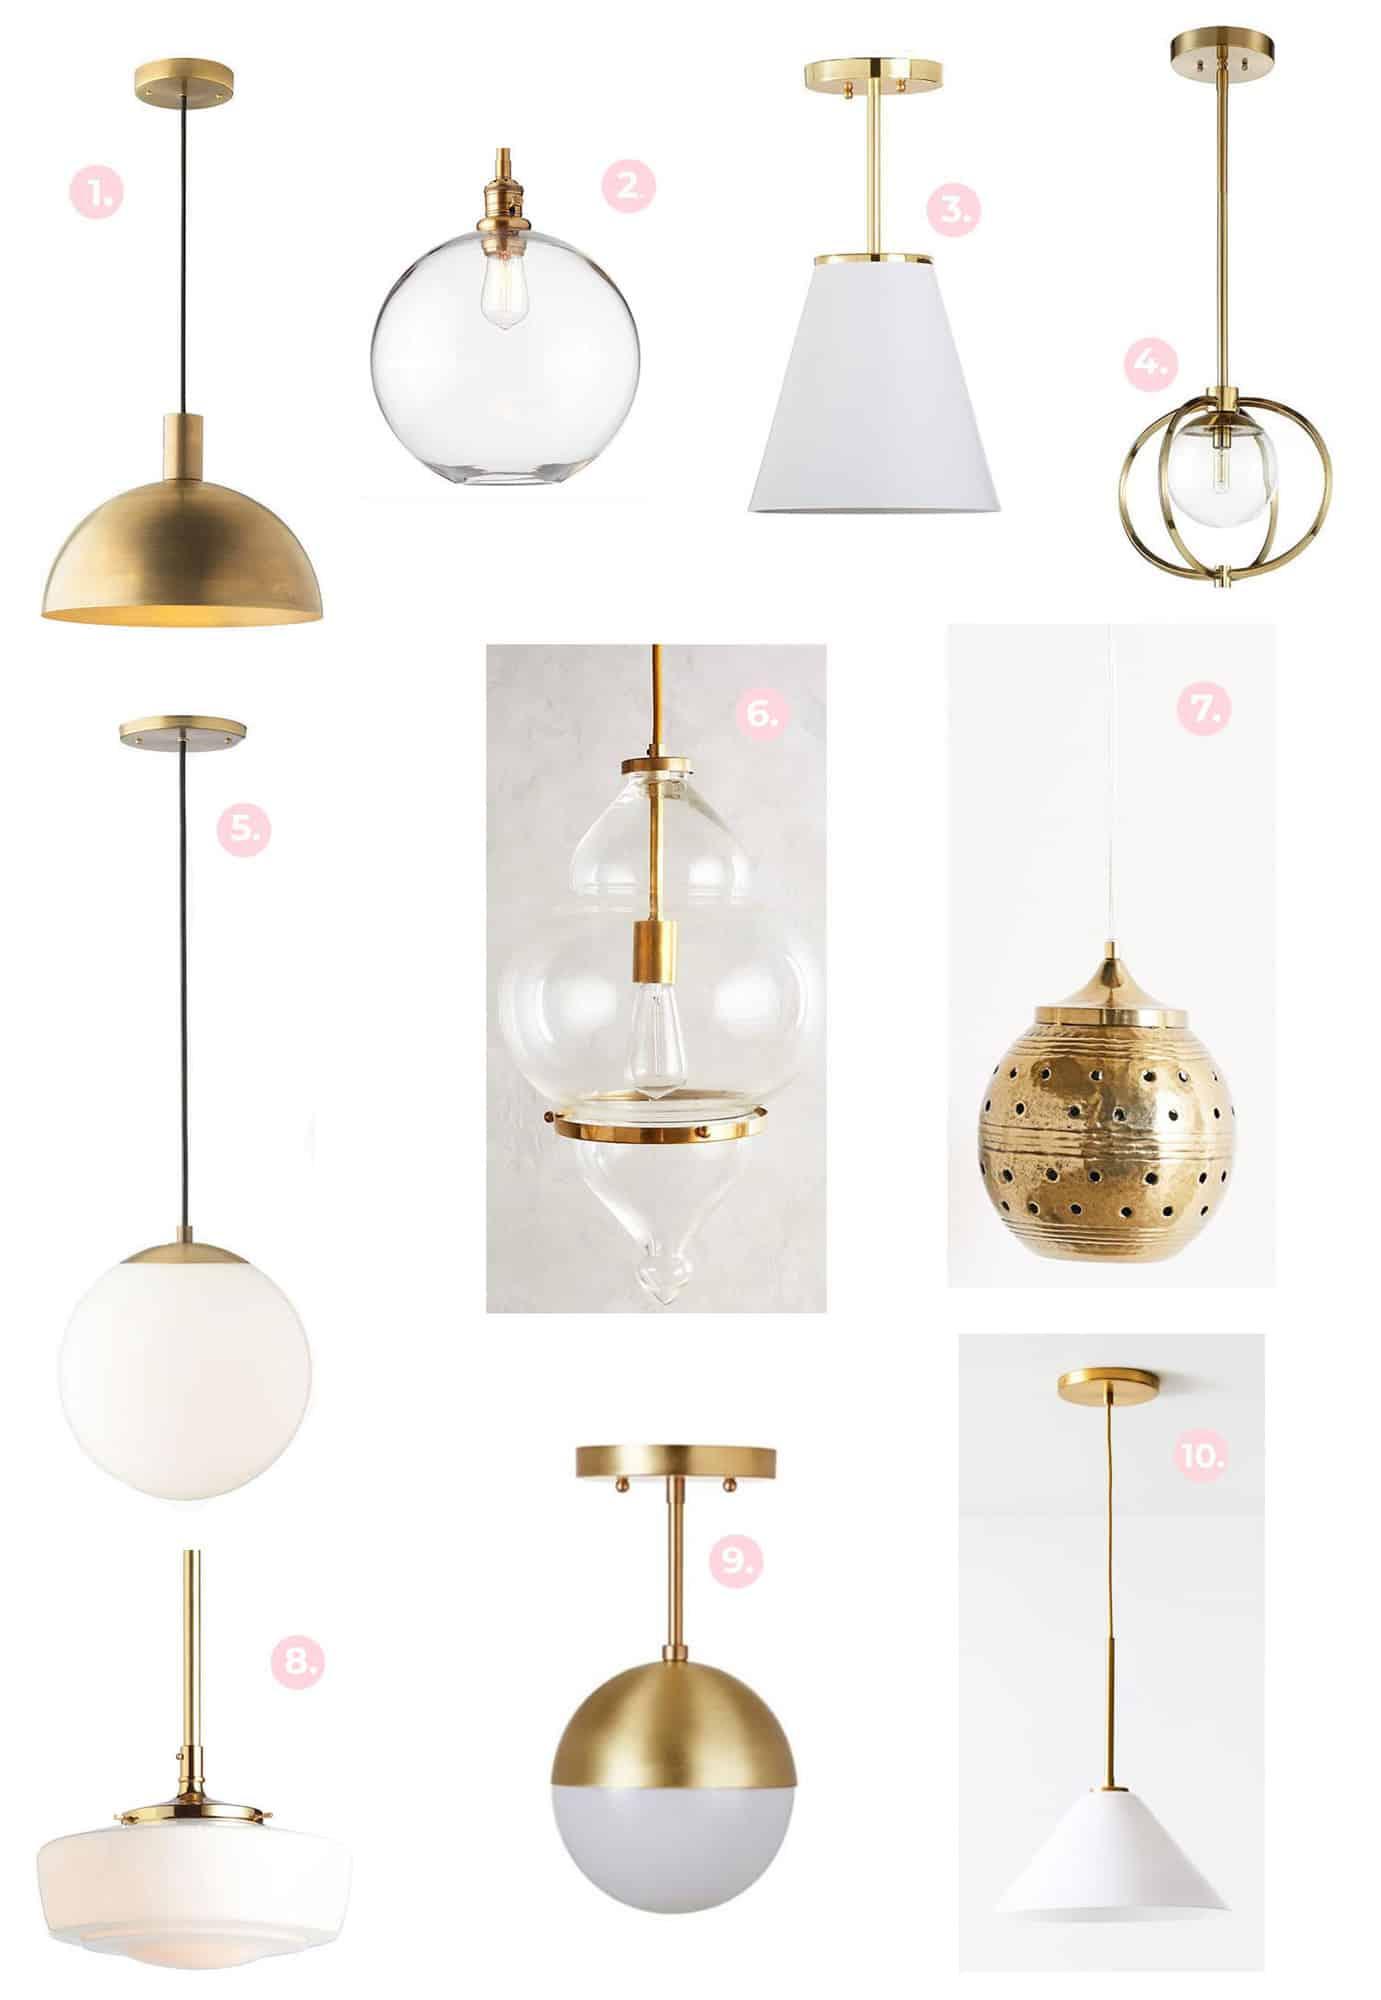 Gold + Brass Light Fixture Shopping Guide - A Beautiful Mess